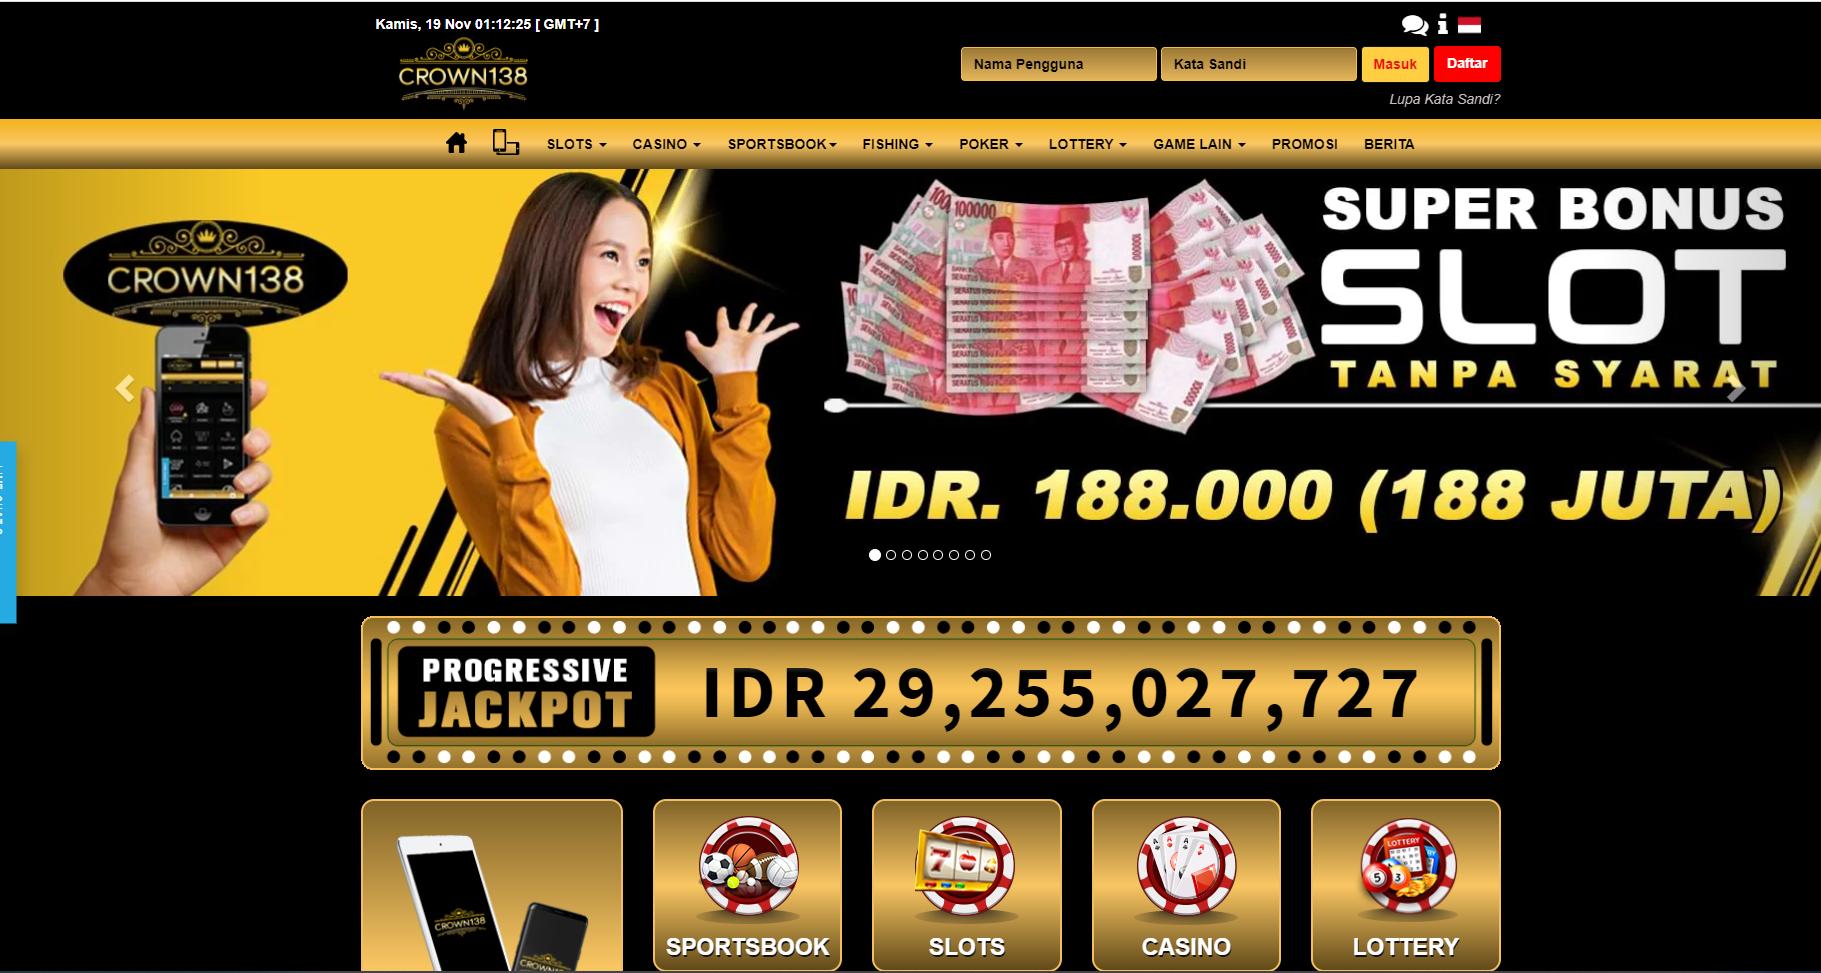 Crown138 Situs Judi Slot Online Playtech Big Win 777 Yang Mudah Menang Profile Full Press Coverage Forum